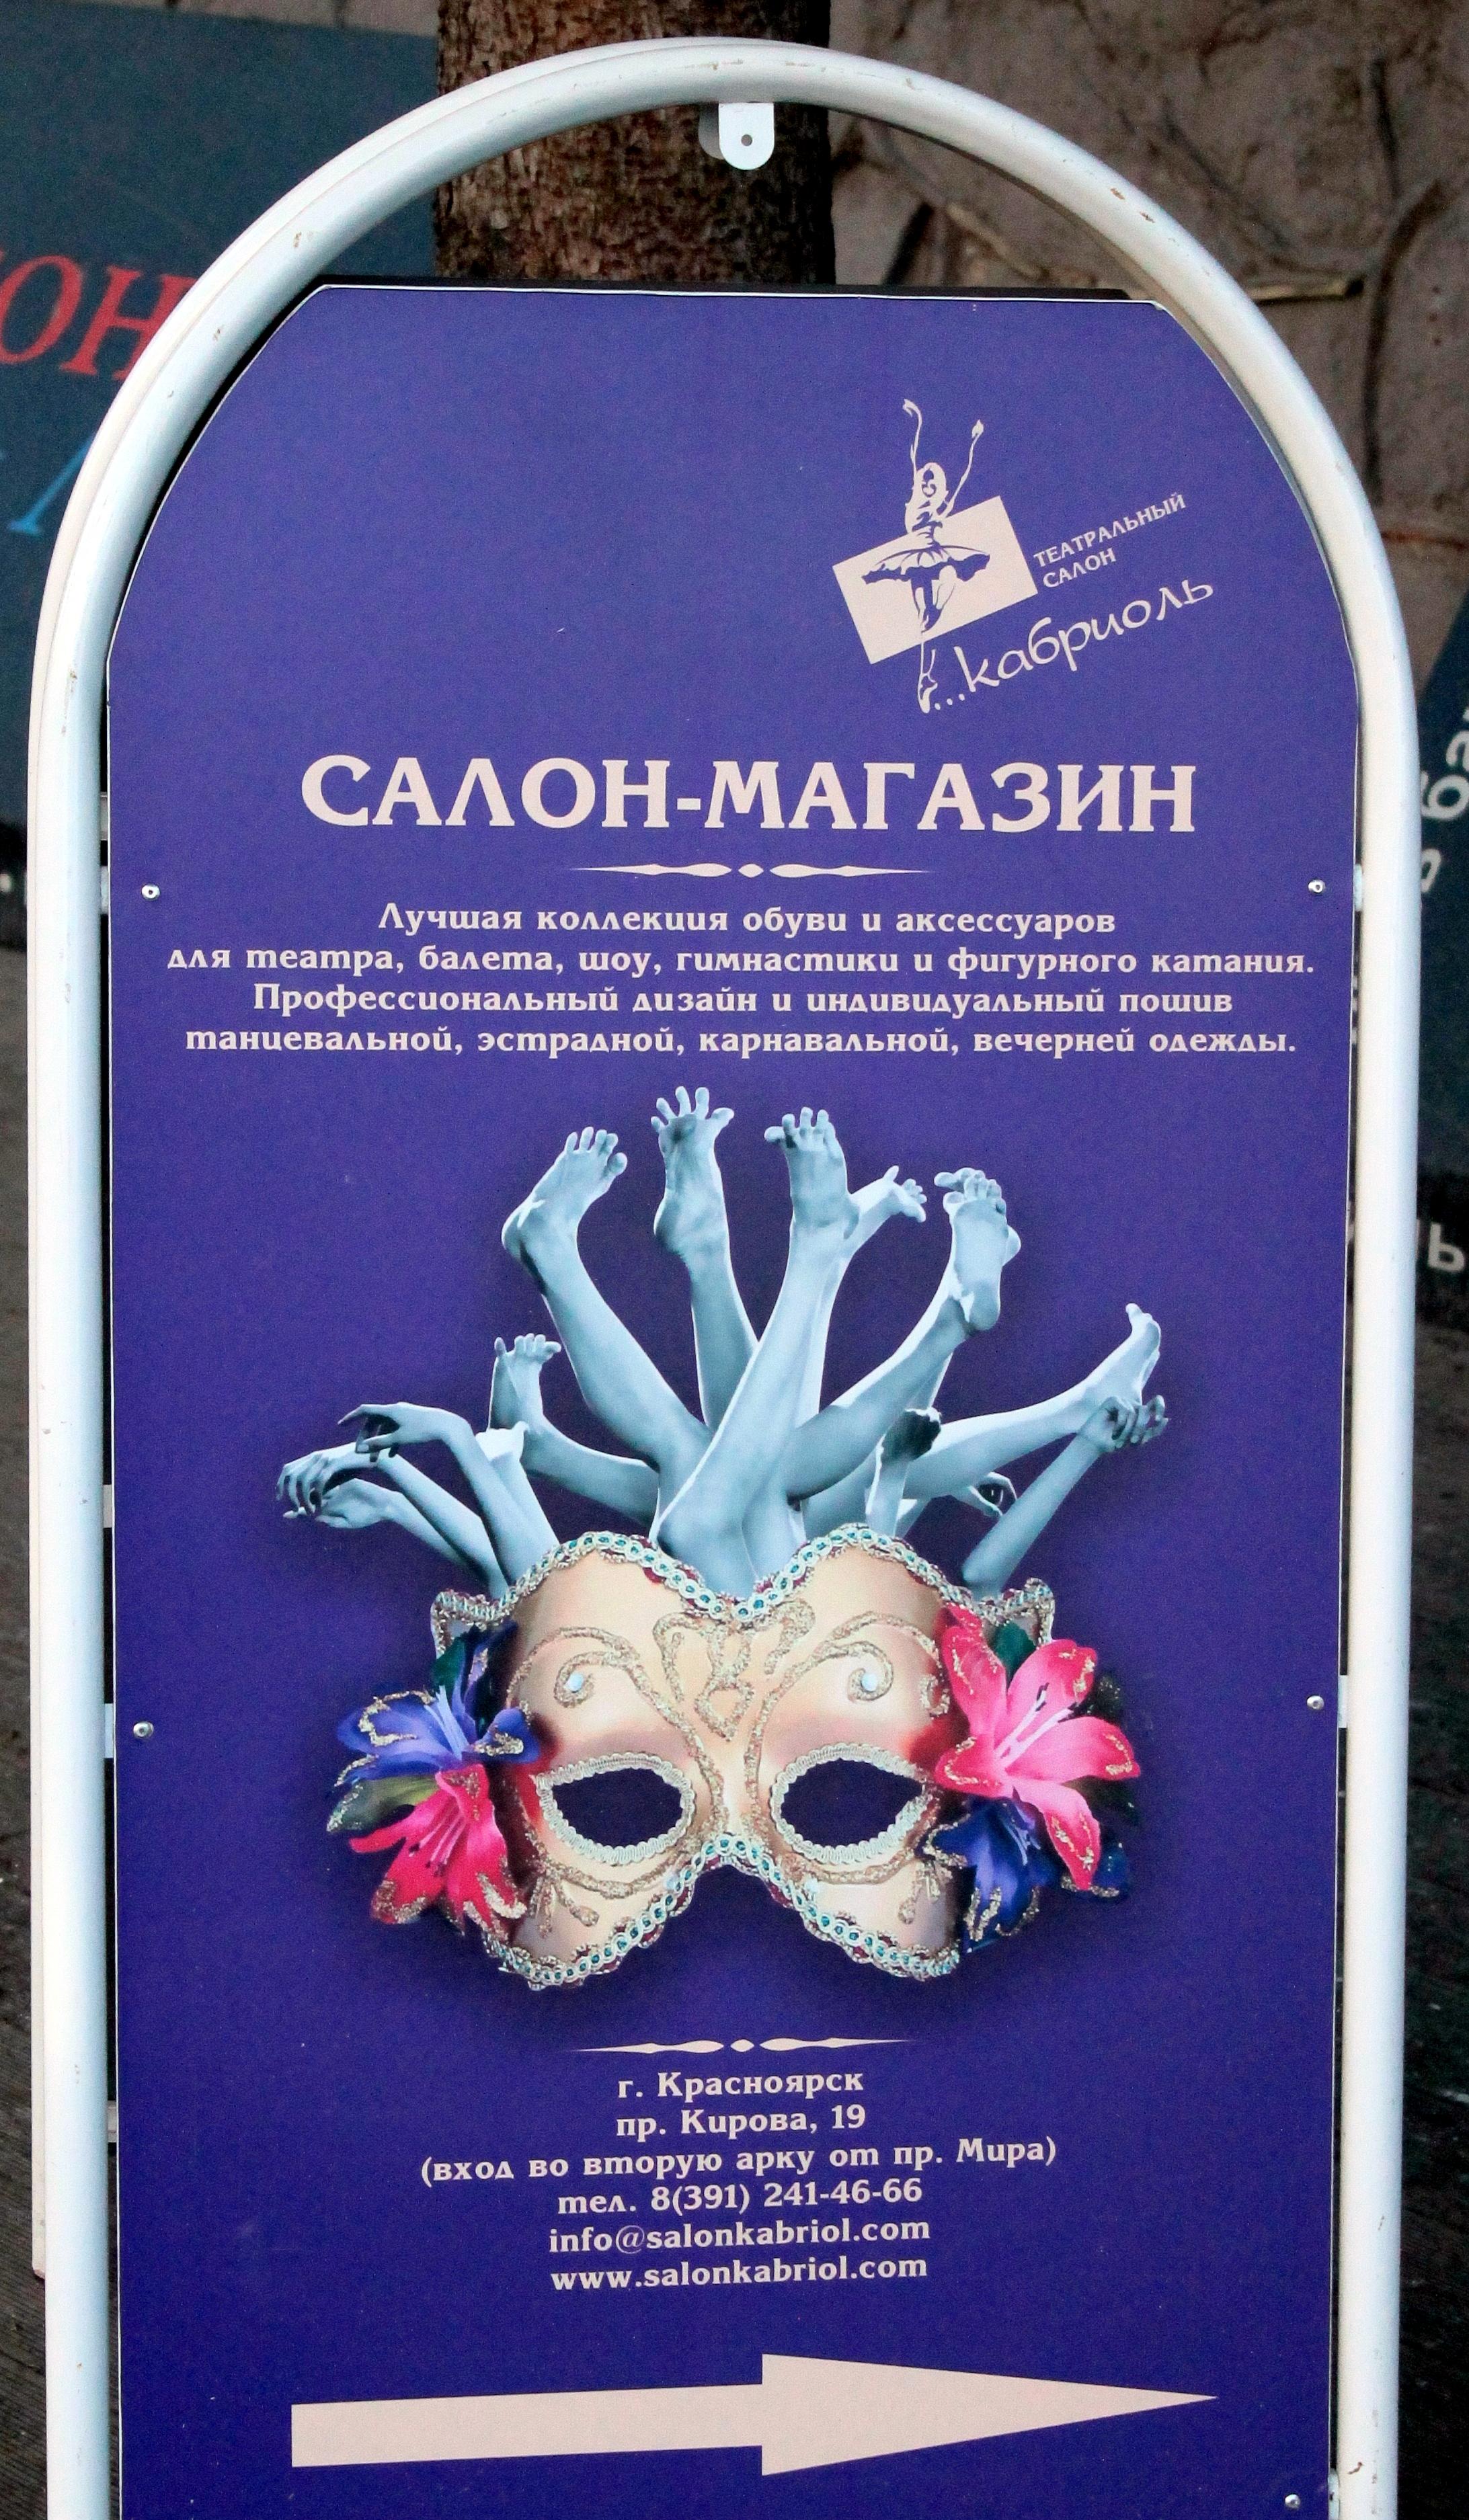 http://s3.uploads.ru/z7mgw.jpg